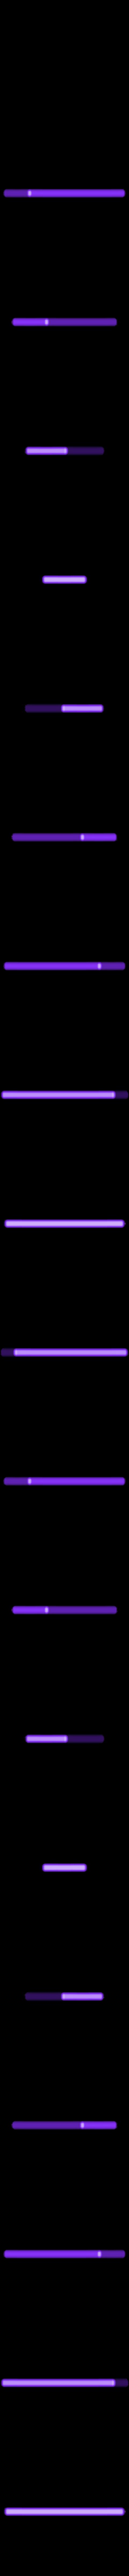 dentitifrice.stl Télécharger fichier STL gratuit Economiseur de dentifrice • Objet à imprimer en 3D, julien02110